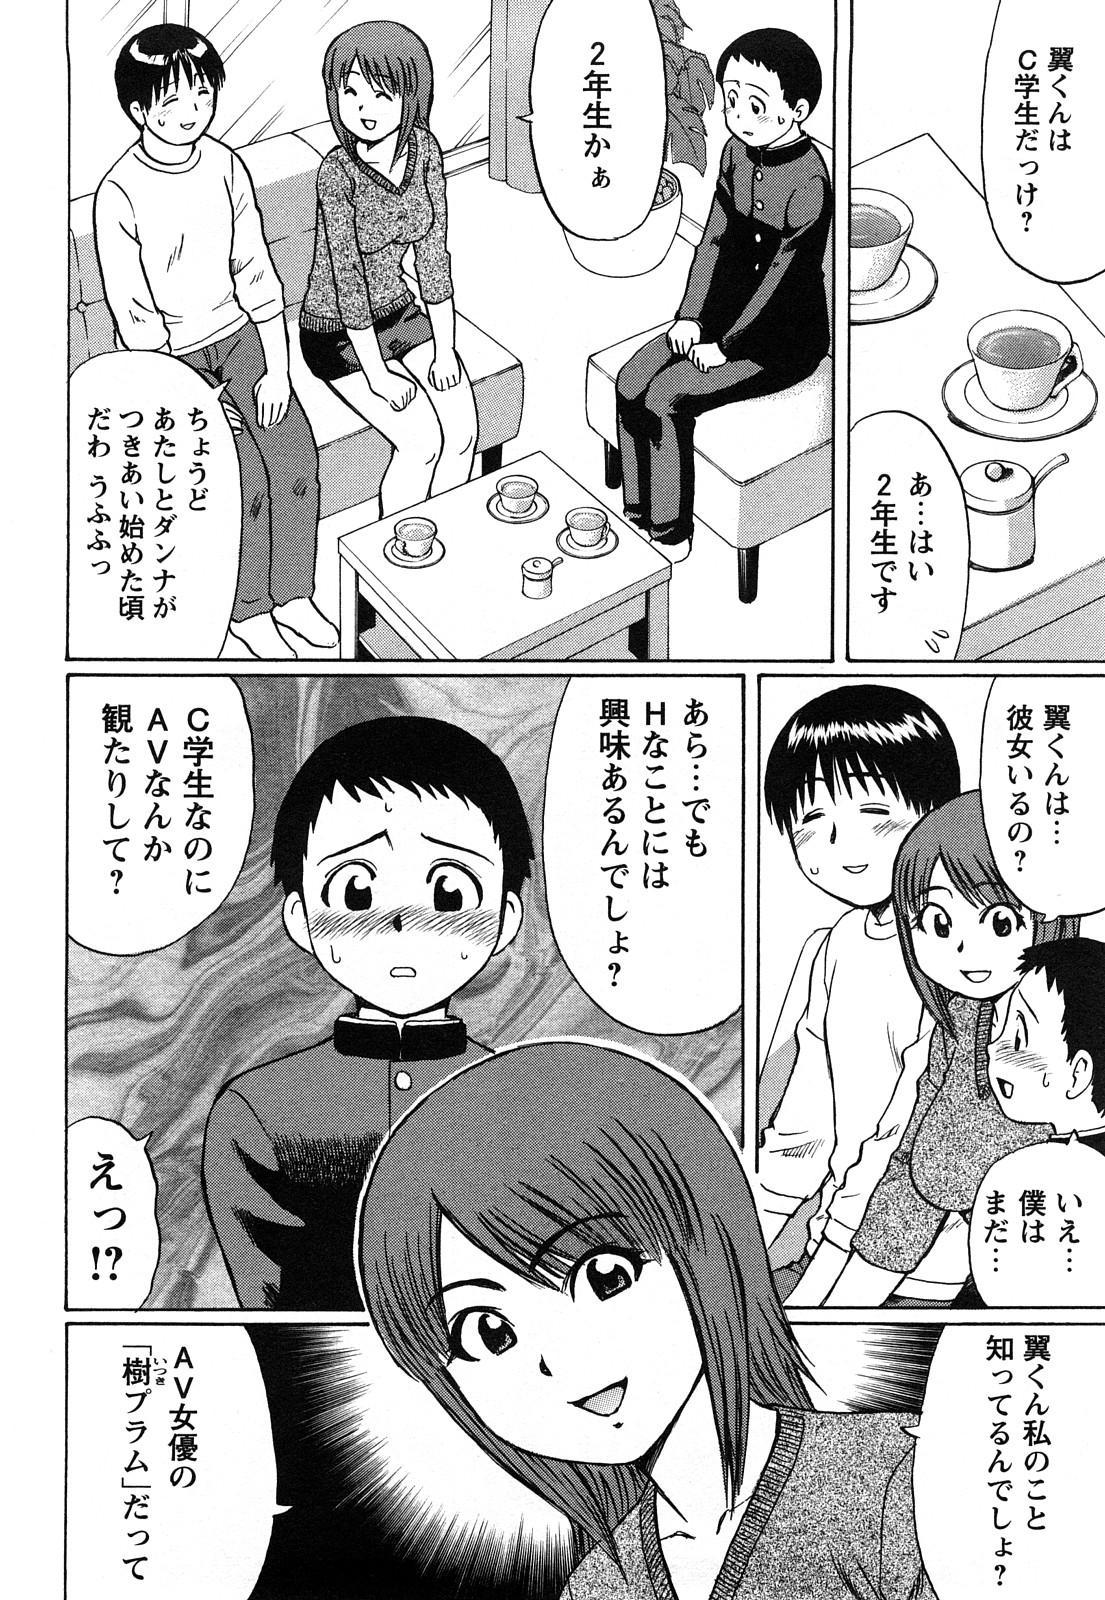 Kimi-tachi Doutei? 19